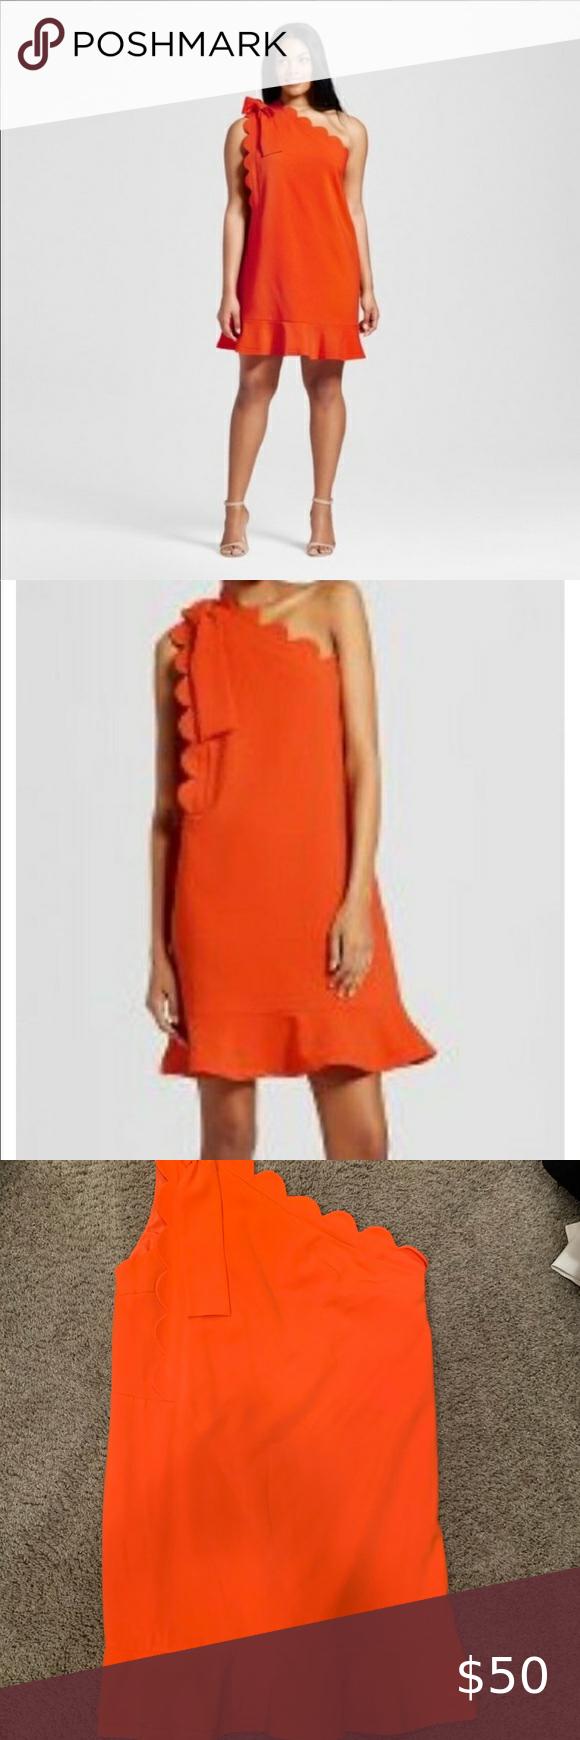 Sale Victoria Beckham For Target Dress Target Dress Victoria Beckham Target Clothes Design [ 1740 x 580 Pixel ]